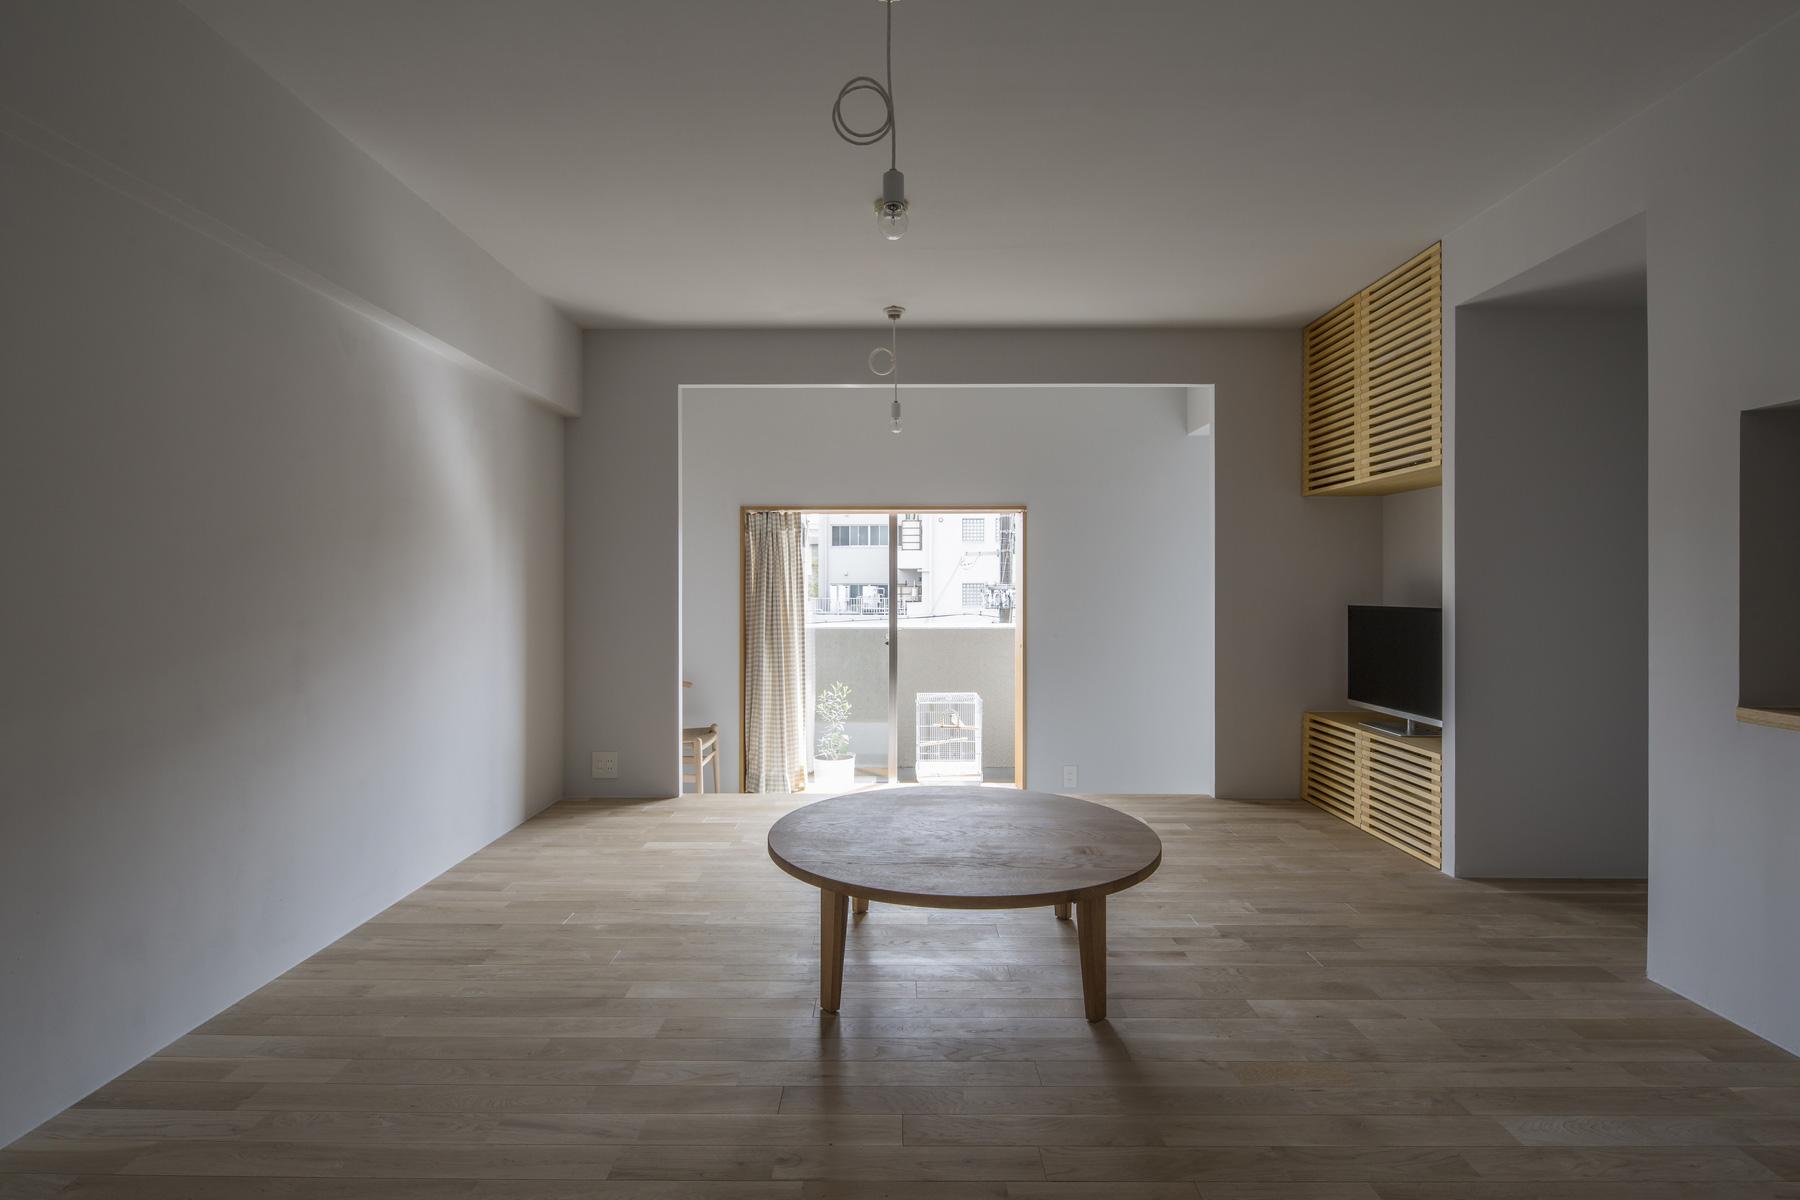 YYAA | Yoshihiro Yamamoto Architects Atelier